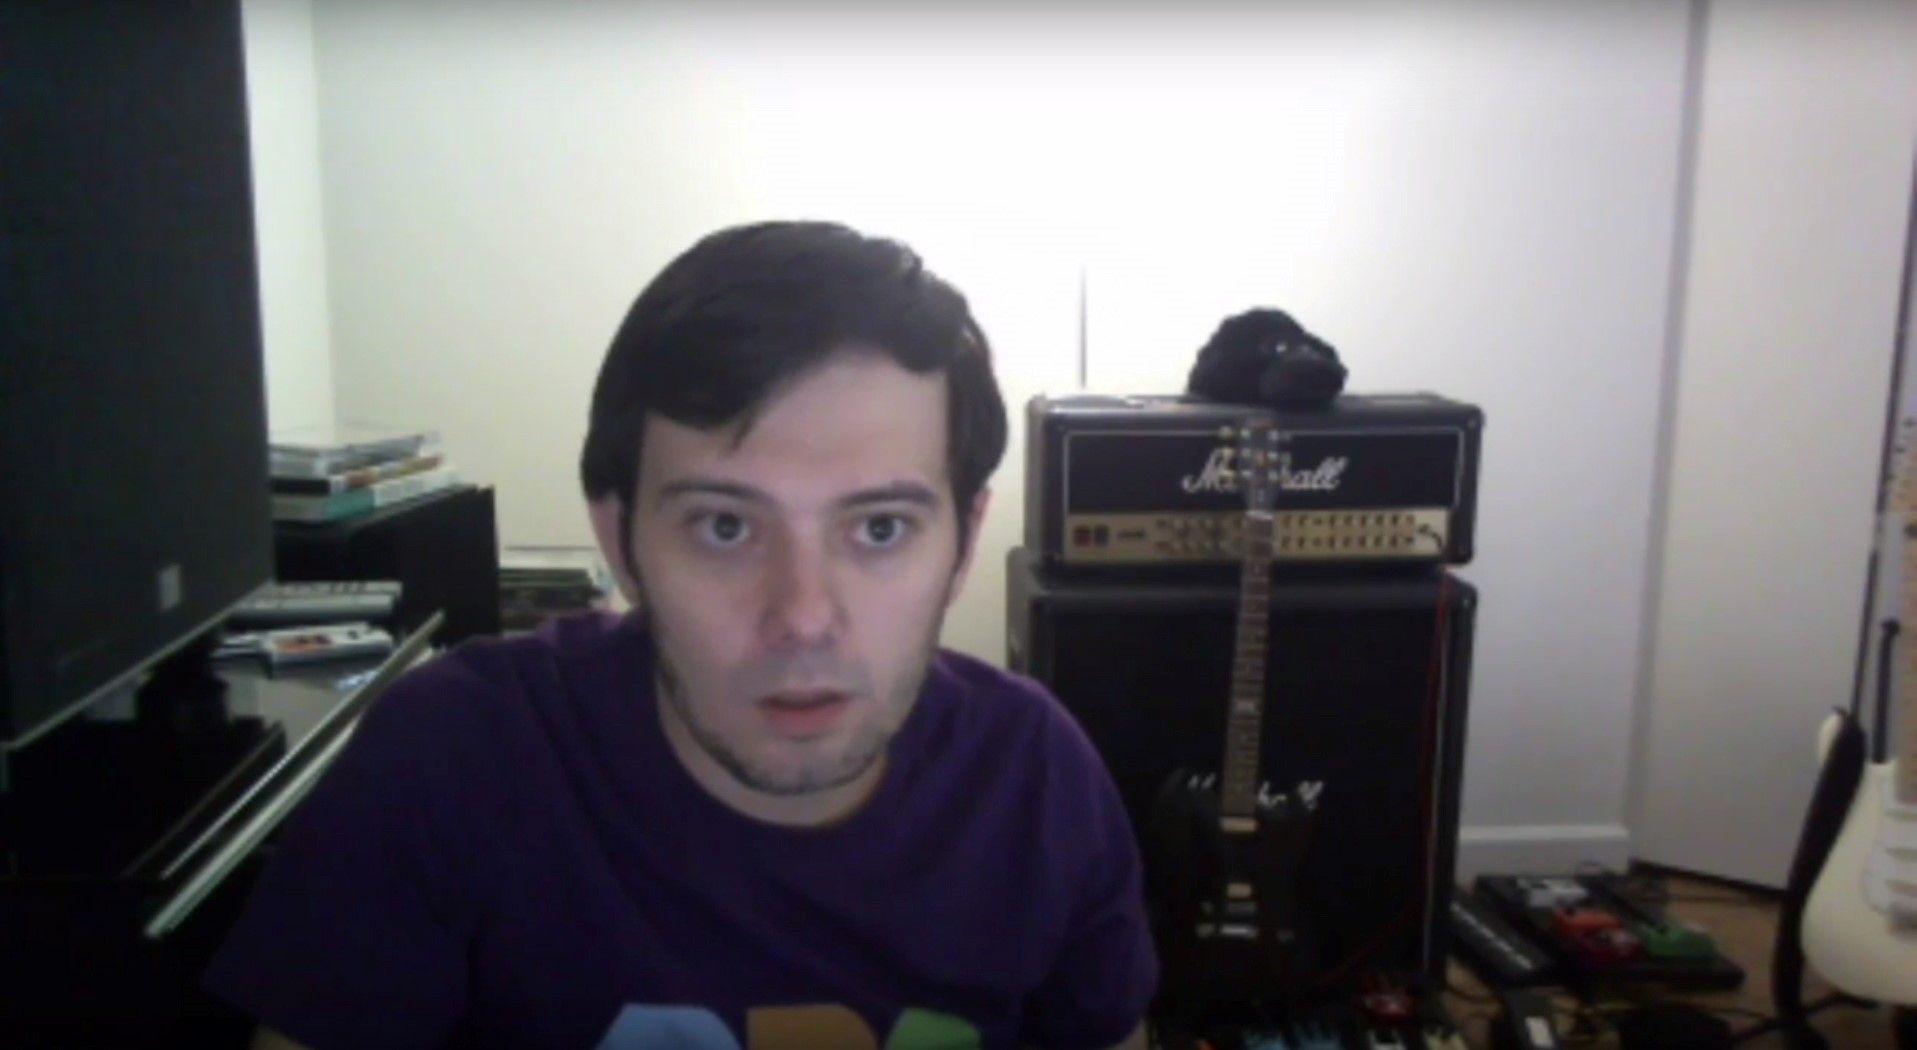 Martin Shkreli live stream